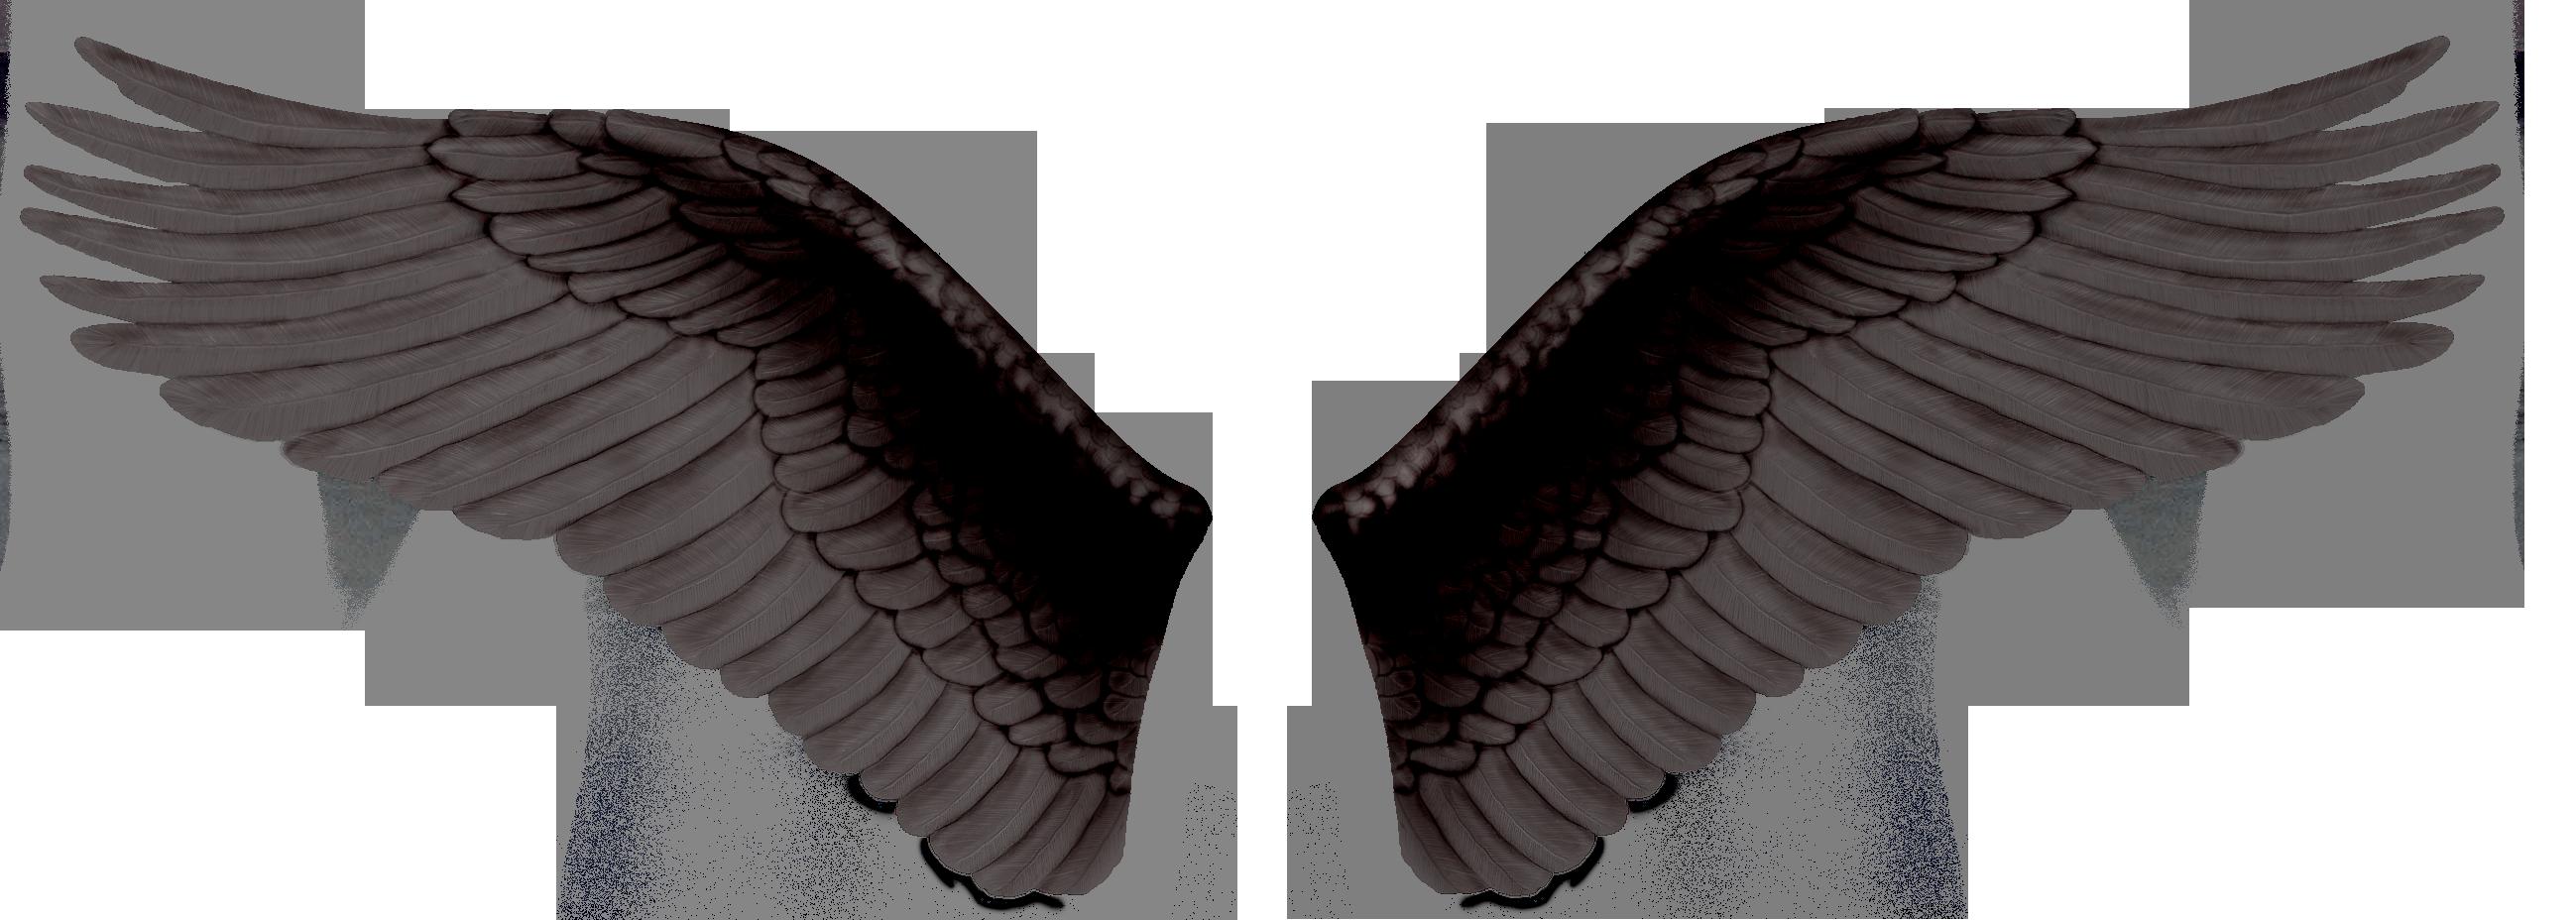 Black Wings Png Image Black Wings Wings Png Wings